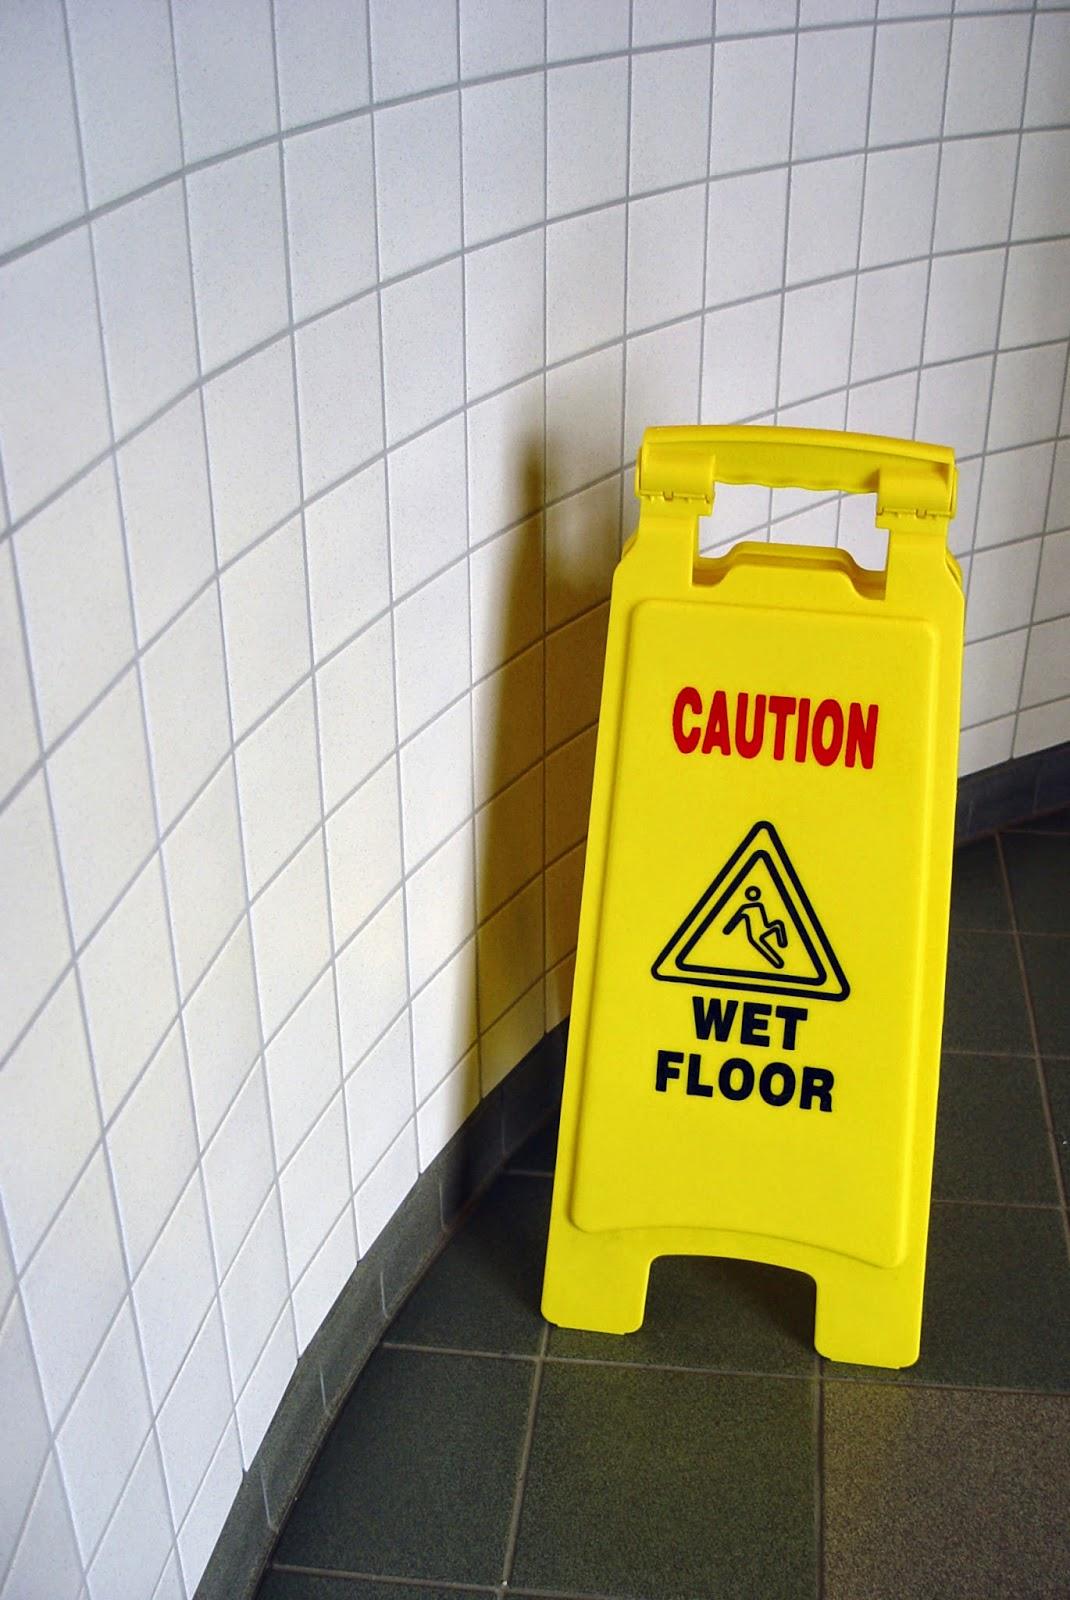 Phc blog spot bathroom safety tips for seniors for 5 bathroom safety tips